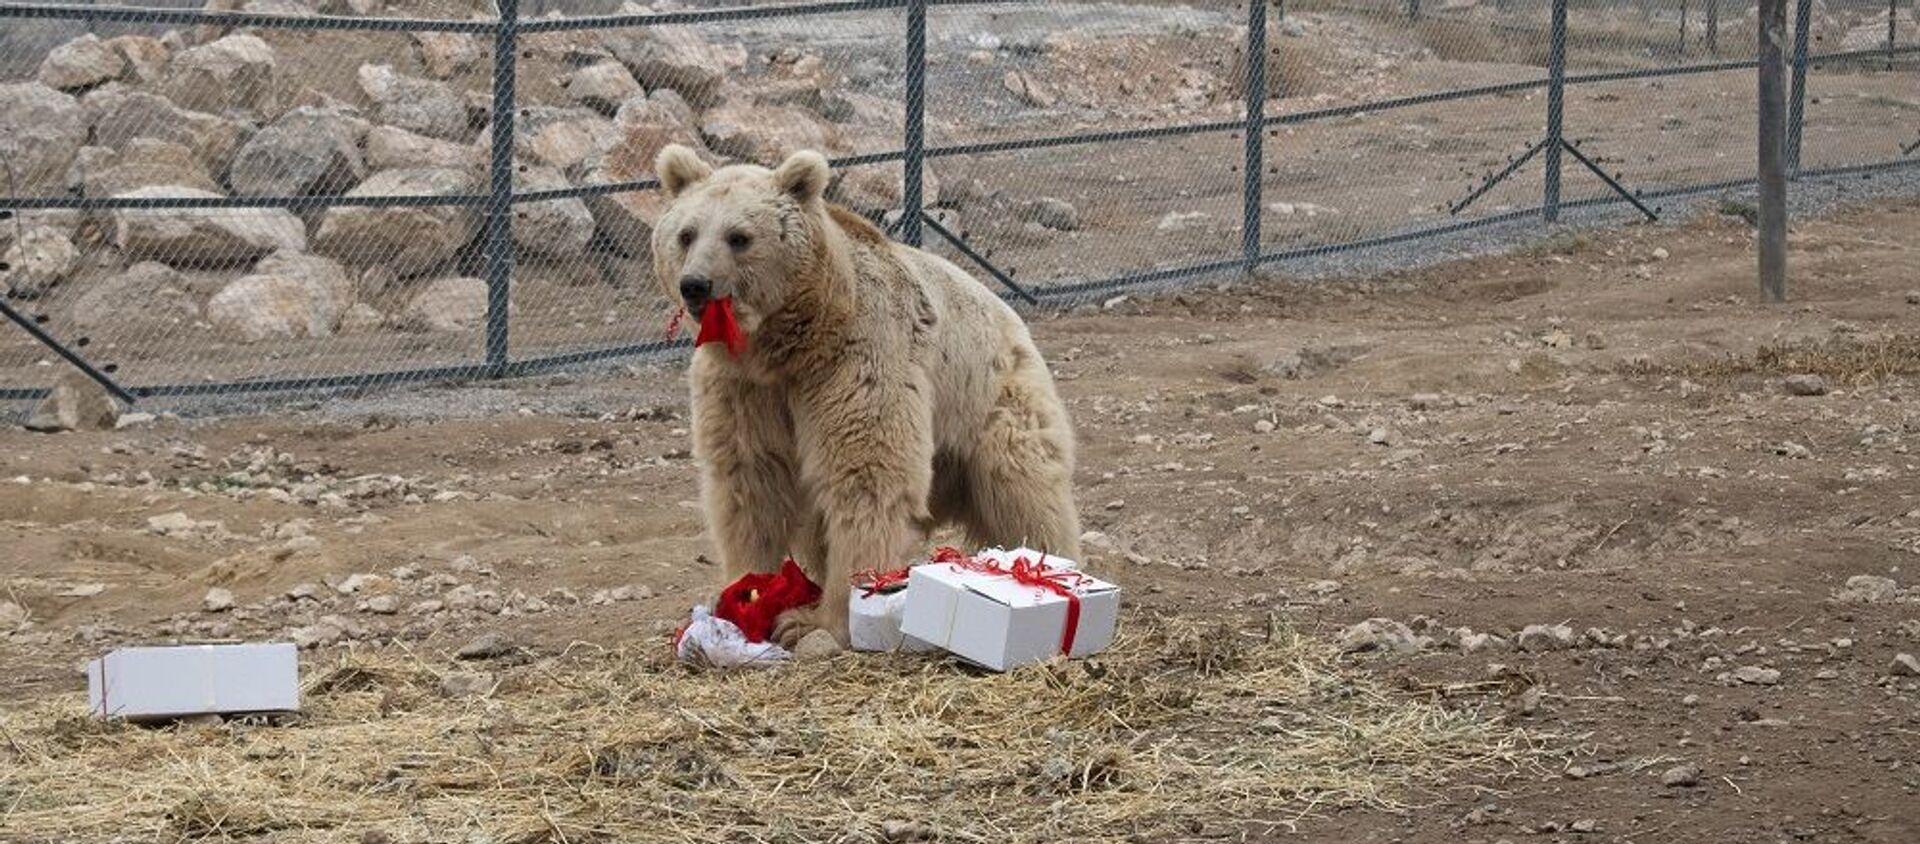 В Центре спасения диких животных (WRC) устроили новогодние подарки для медведей - Sputnik Армения, 1920, 15.02.2021